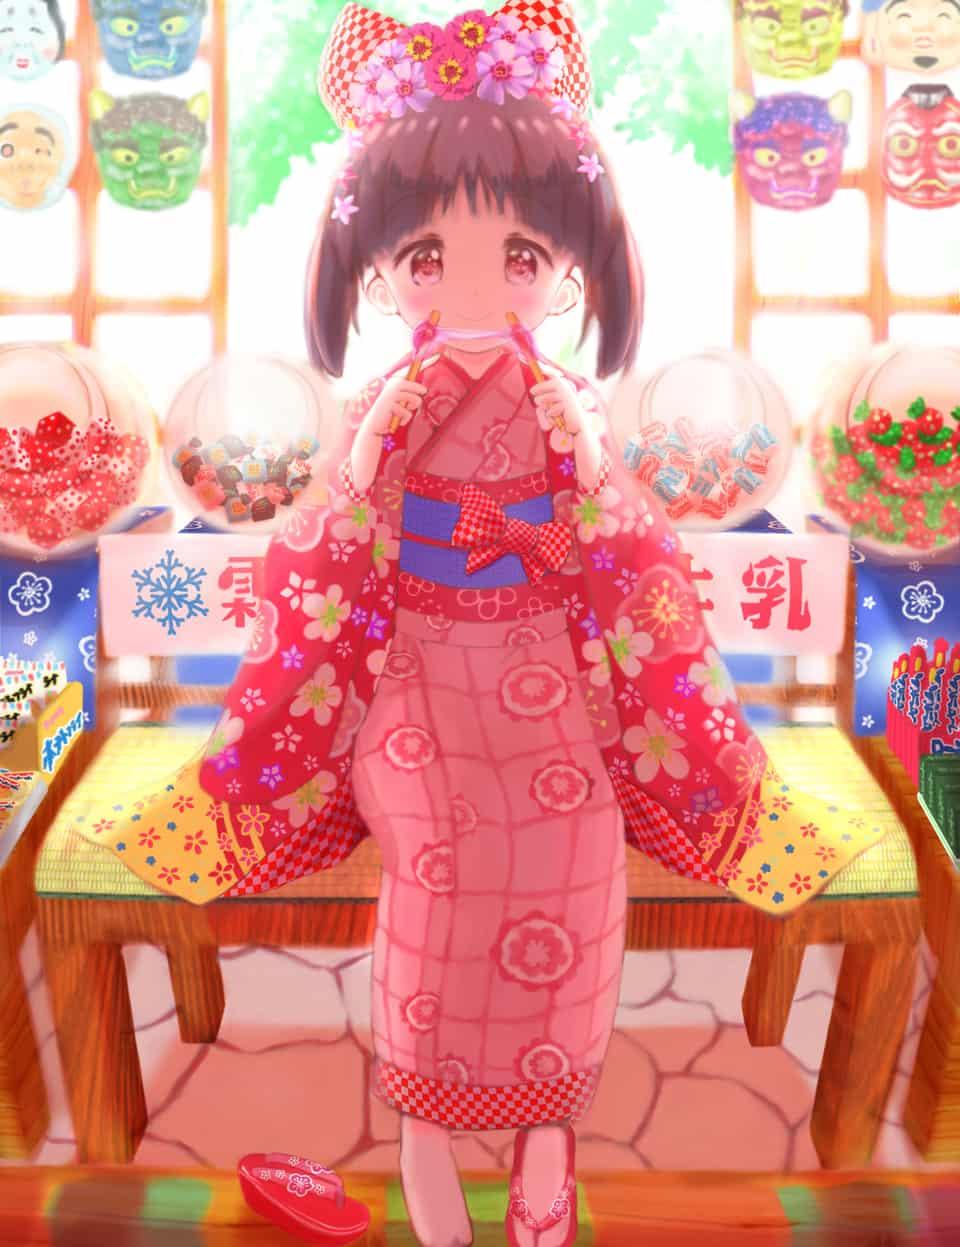 駄菓子屋の女の子 Illust of ひなげっぺい Kyoto_Award2020_illustration 駄菓子 kimono girl